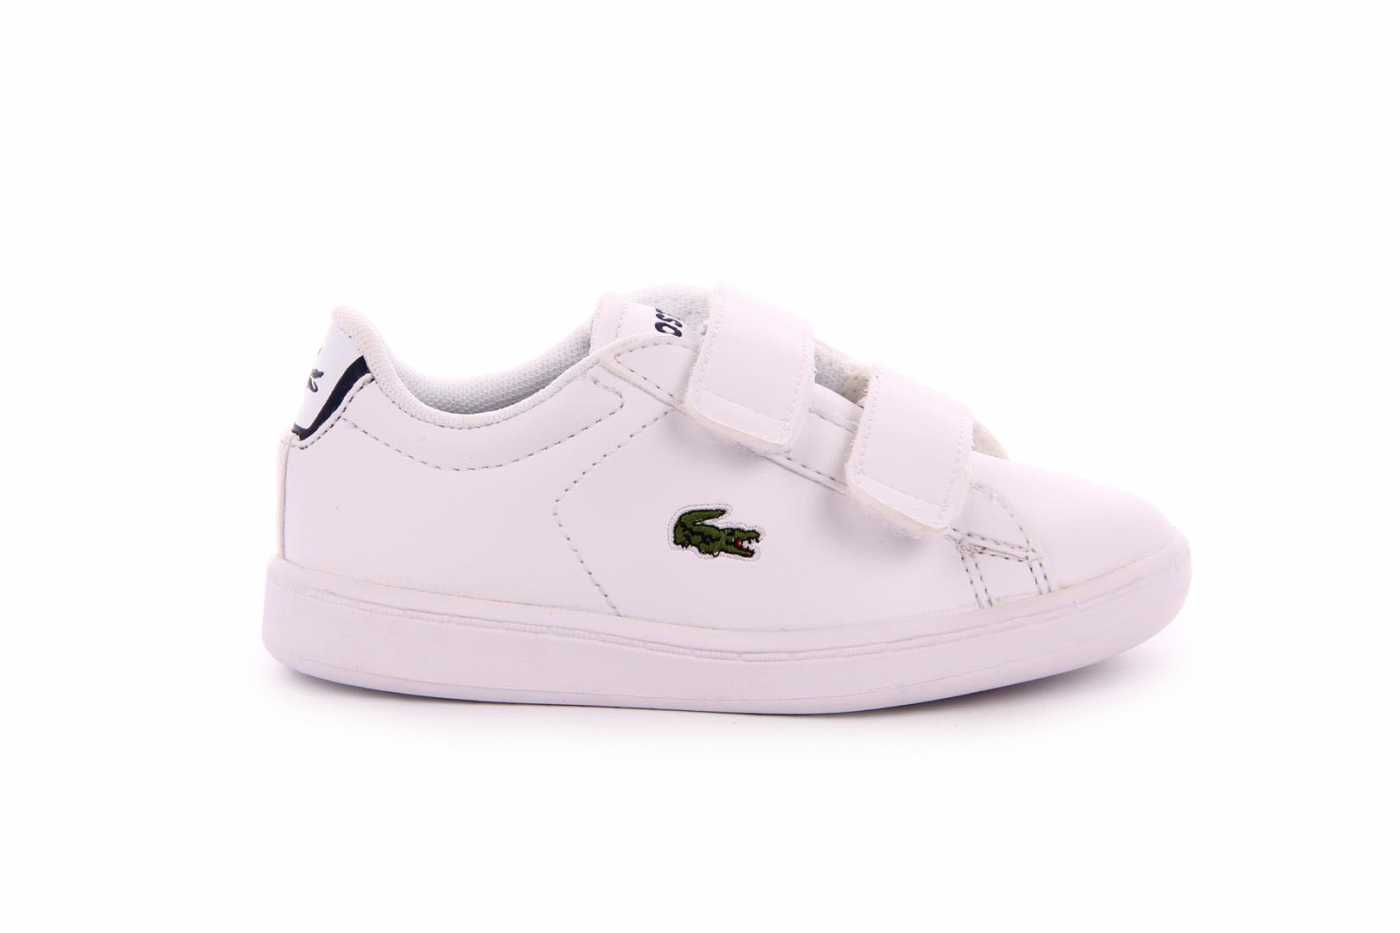 ec3f46d3159 Comprar zapato tipo JOVEN NIÑO estilo DEPORTIVO COLOR BLANCO PIEL ...